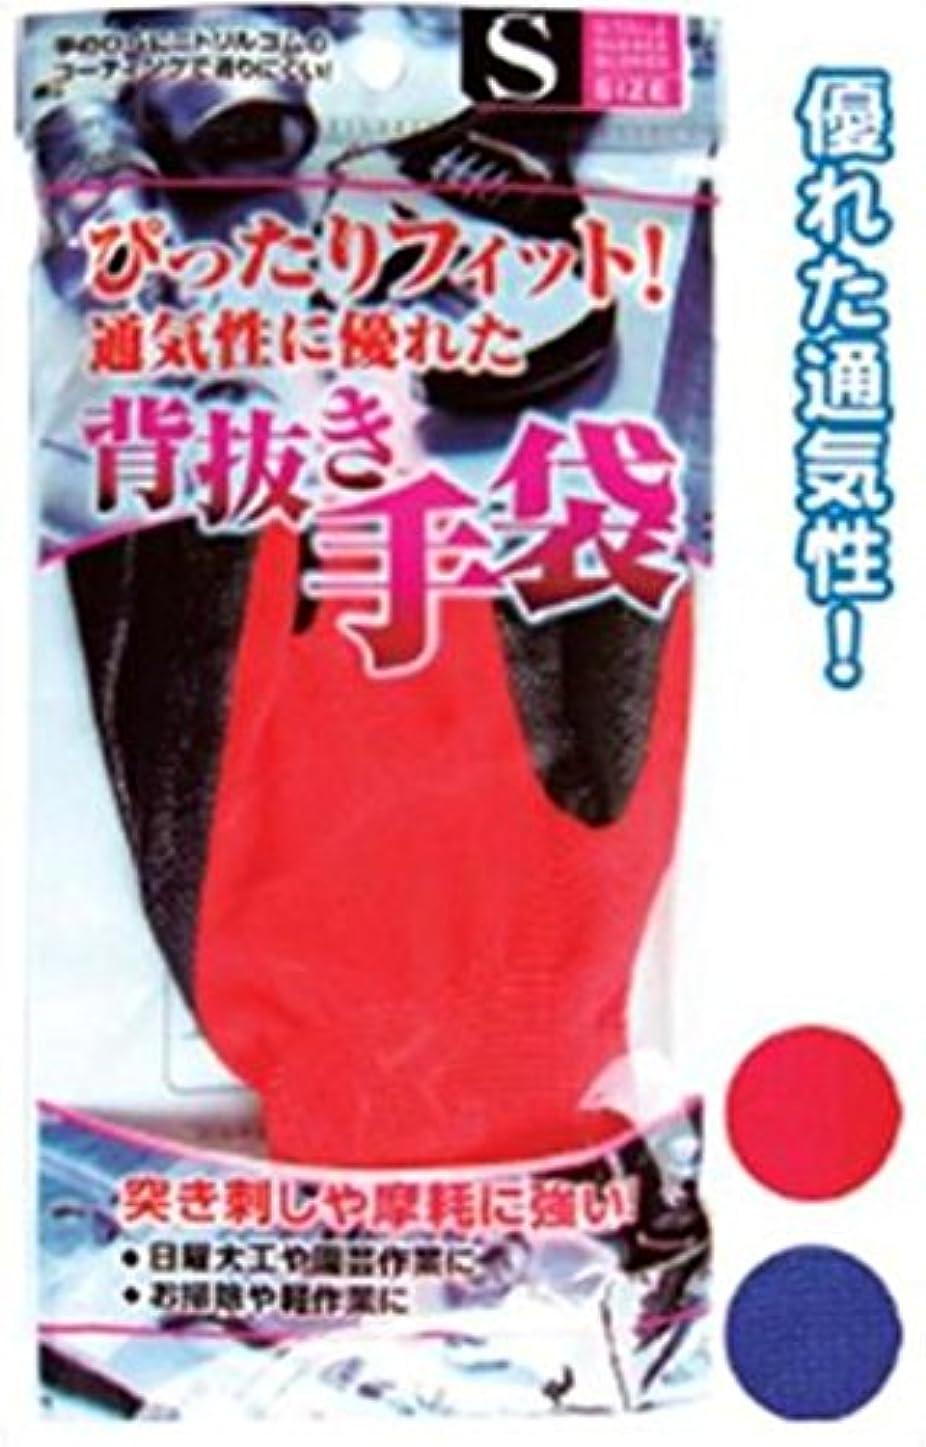 敗北船手錠ぴったりFit滑りにくいニトリルゴム背抜手袋(S) 45-663 【まとめ買い12個セット】